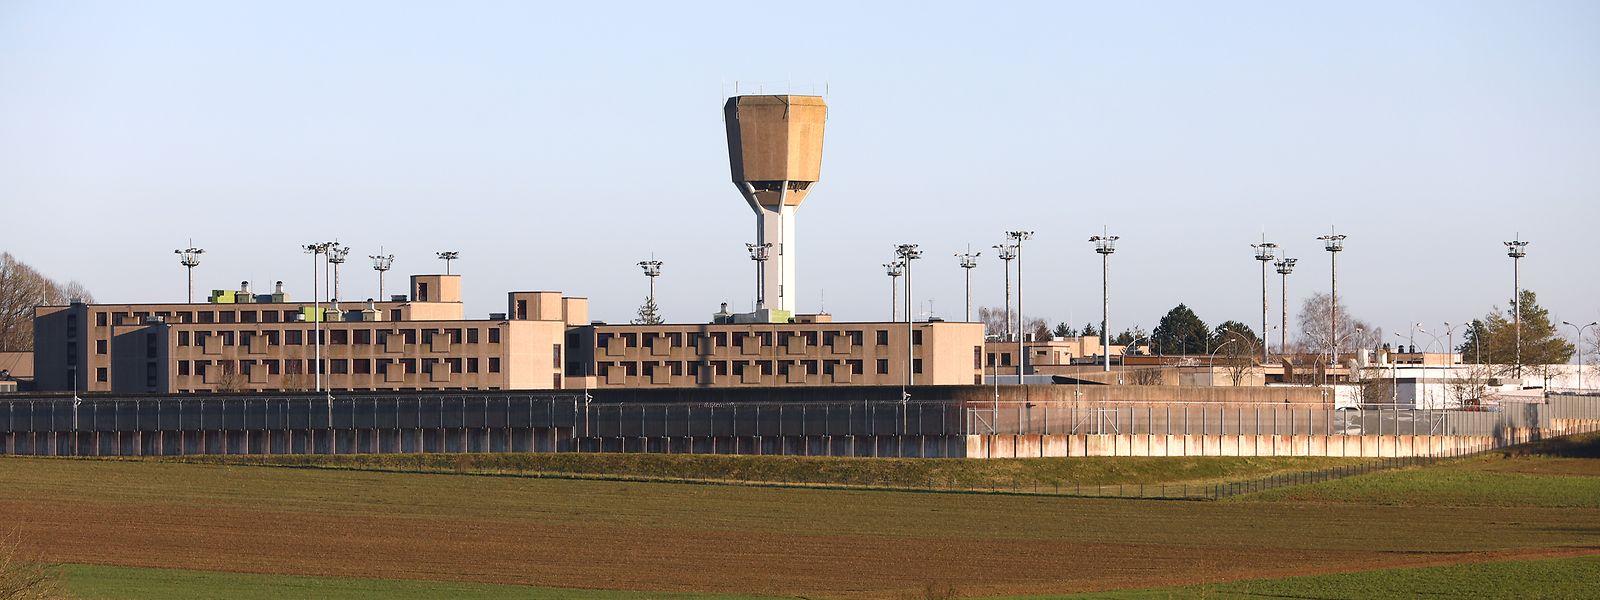 Im Oktober 2004 kehrte Jean-Marc Sirichai Kiesch nach einem Hafturlaub nicht mehr in die Strafanstalt in Schrassig zurück.